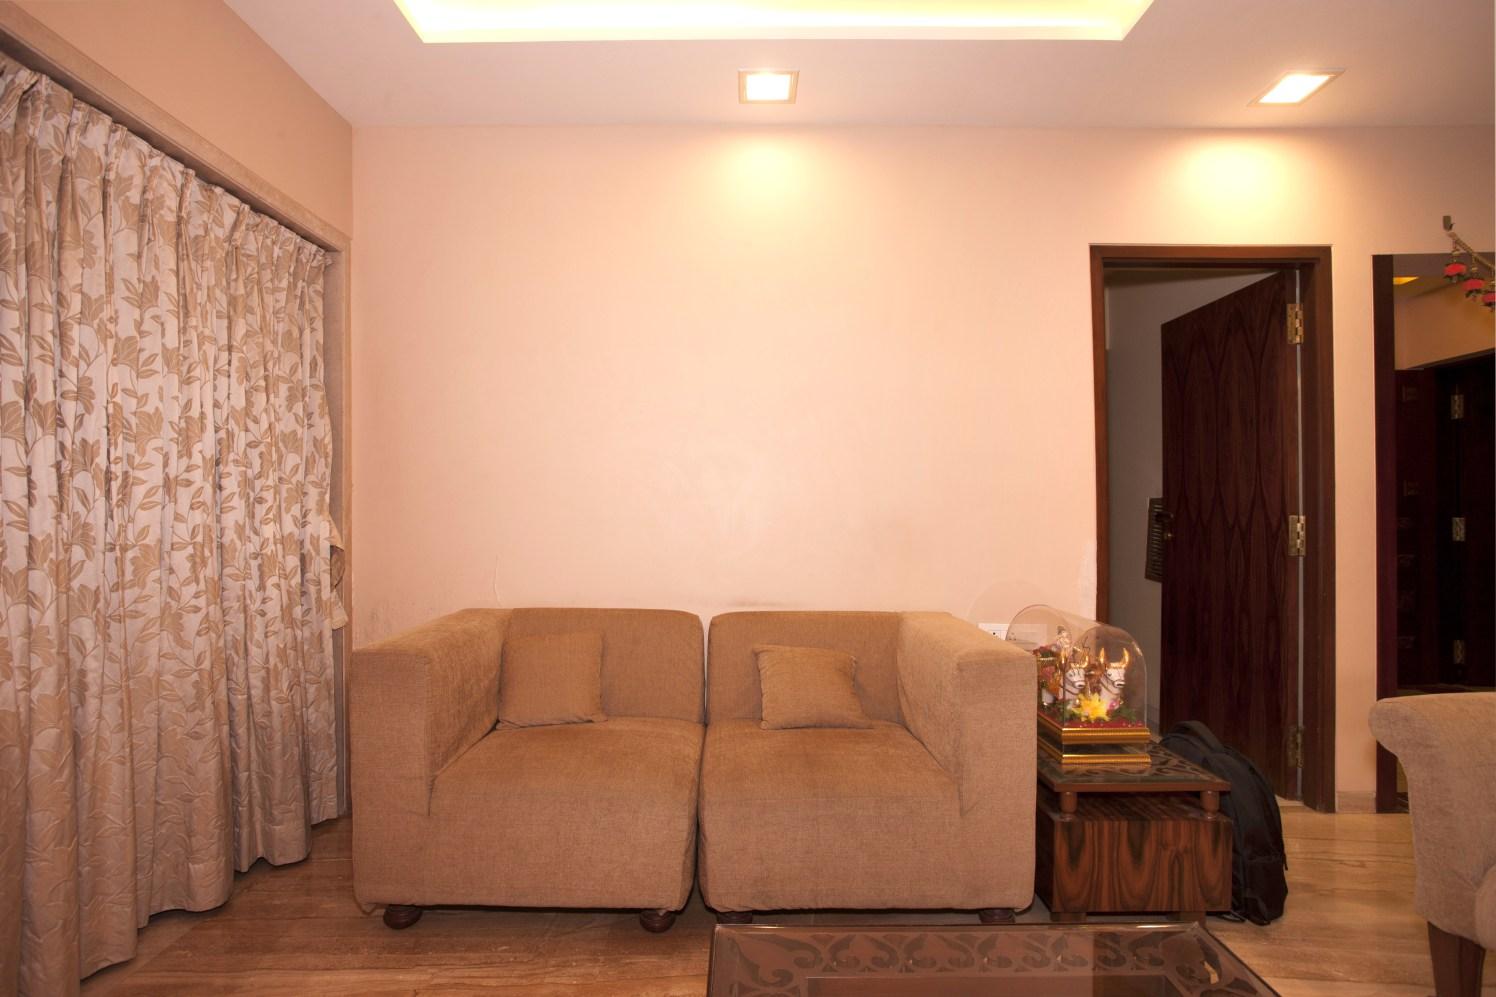 Creamy Affair by Plus One Interiors Living-room Contemporary | Interior Design Photos & Ideas